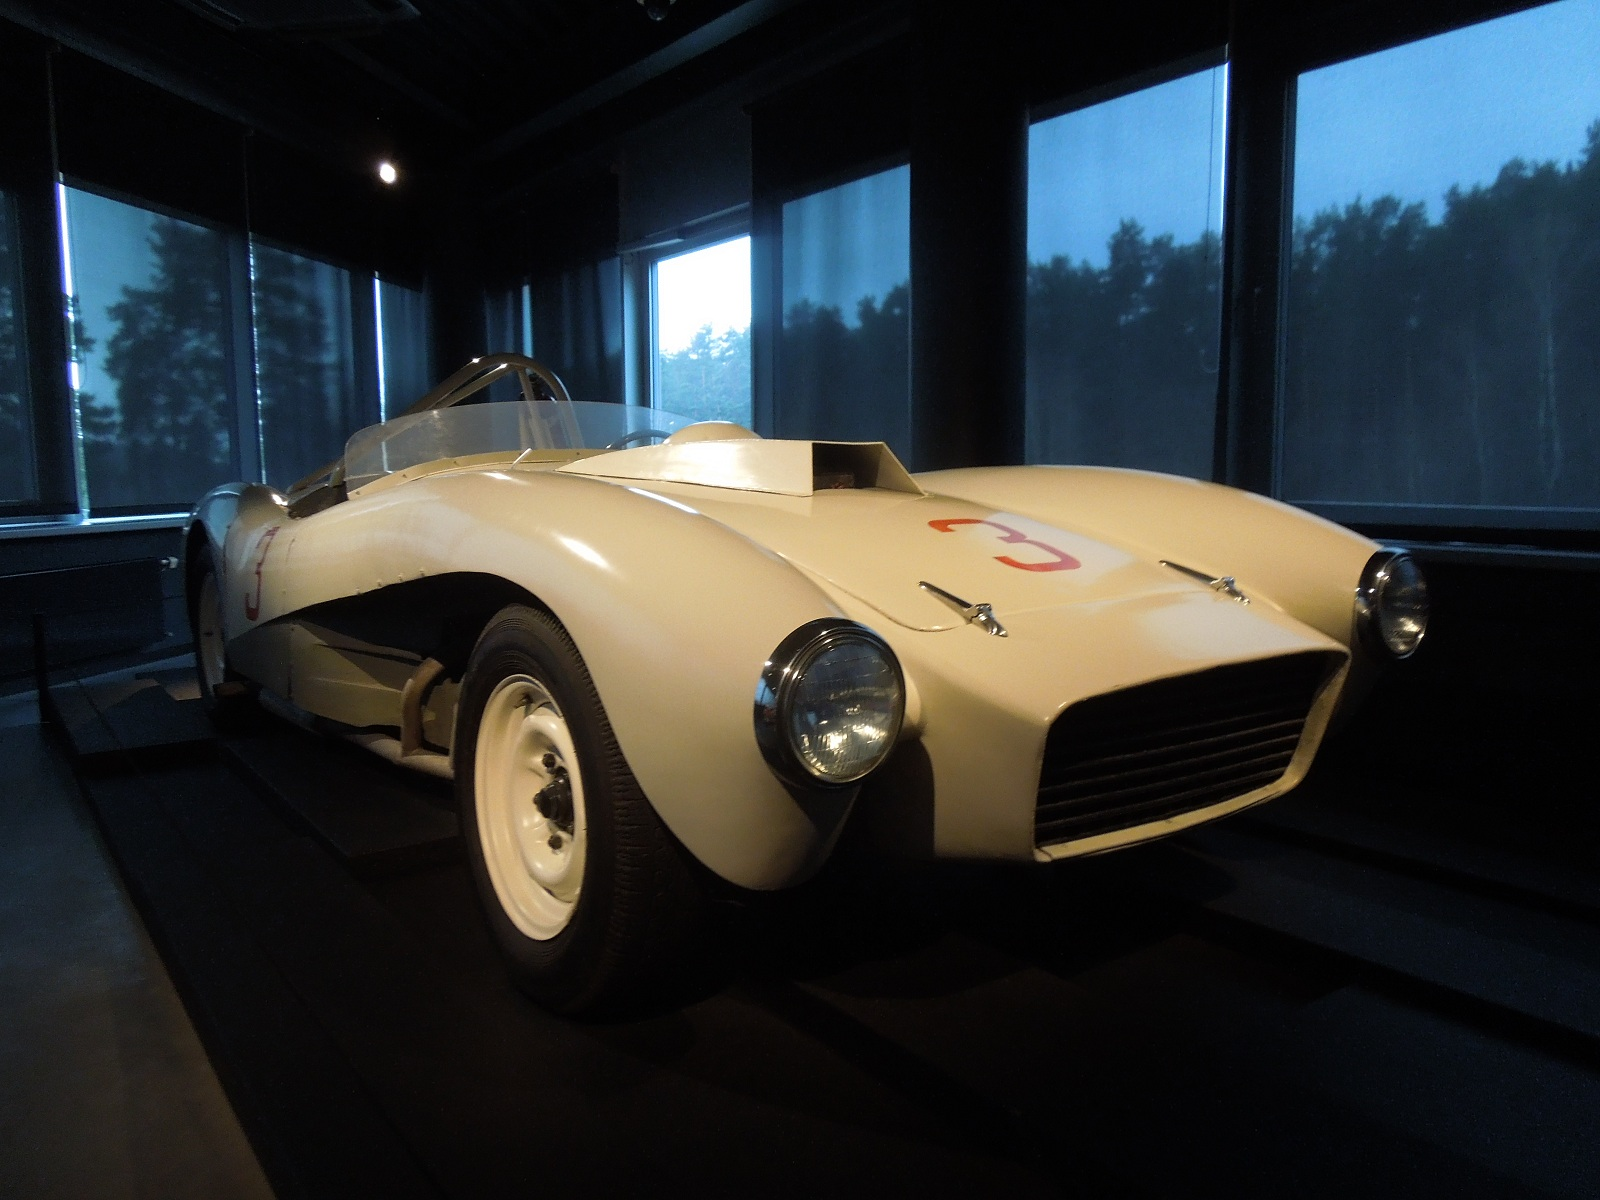 Уникальный советский суперкар ЗИЛ, о котором мало кто знал